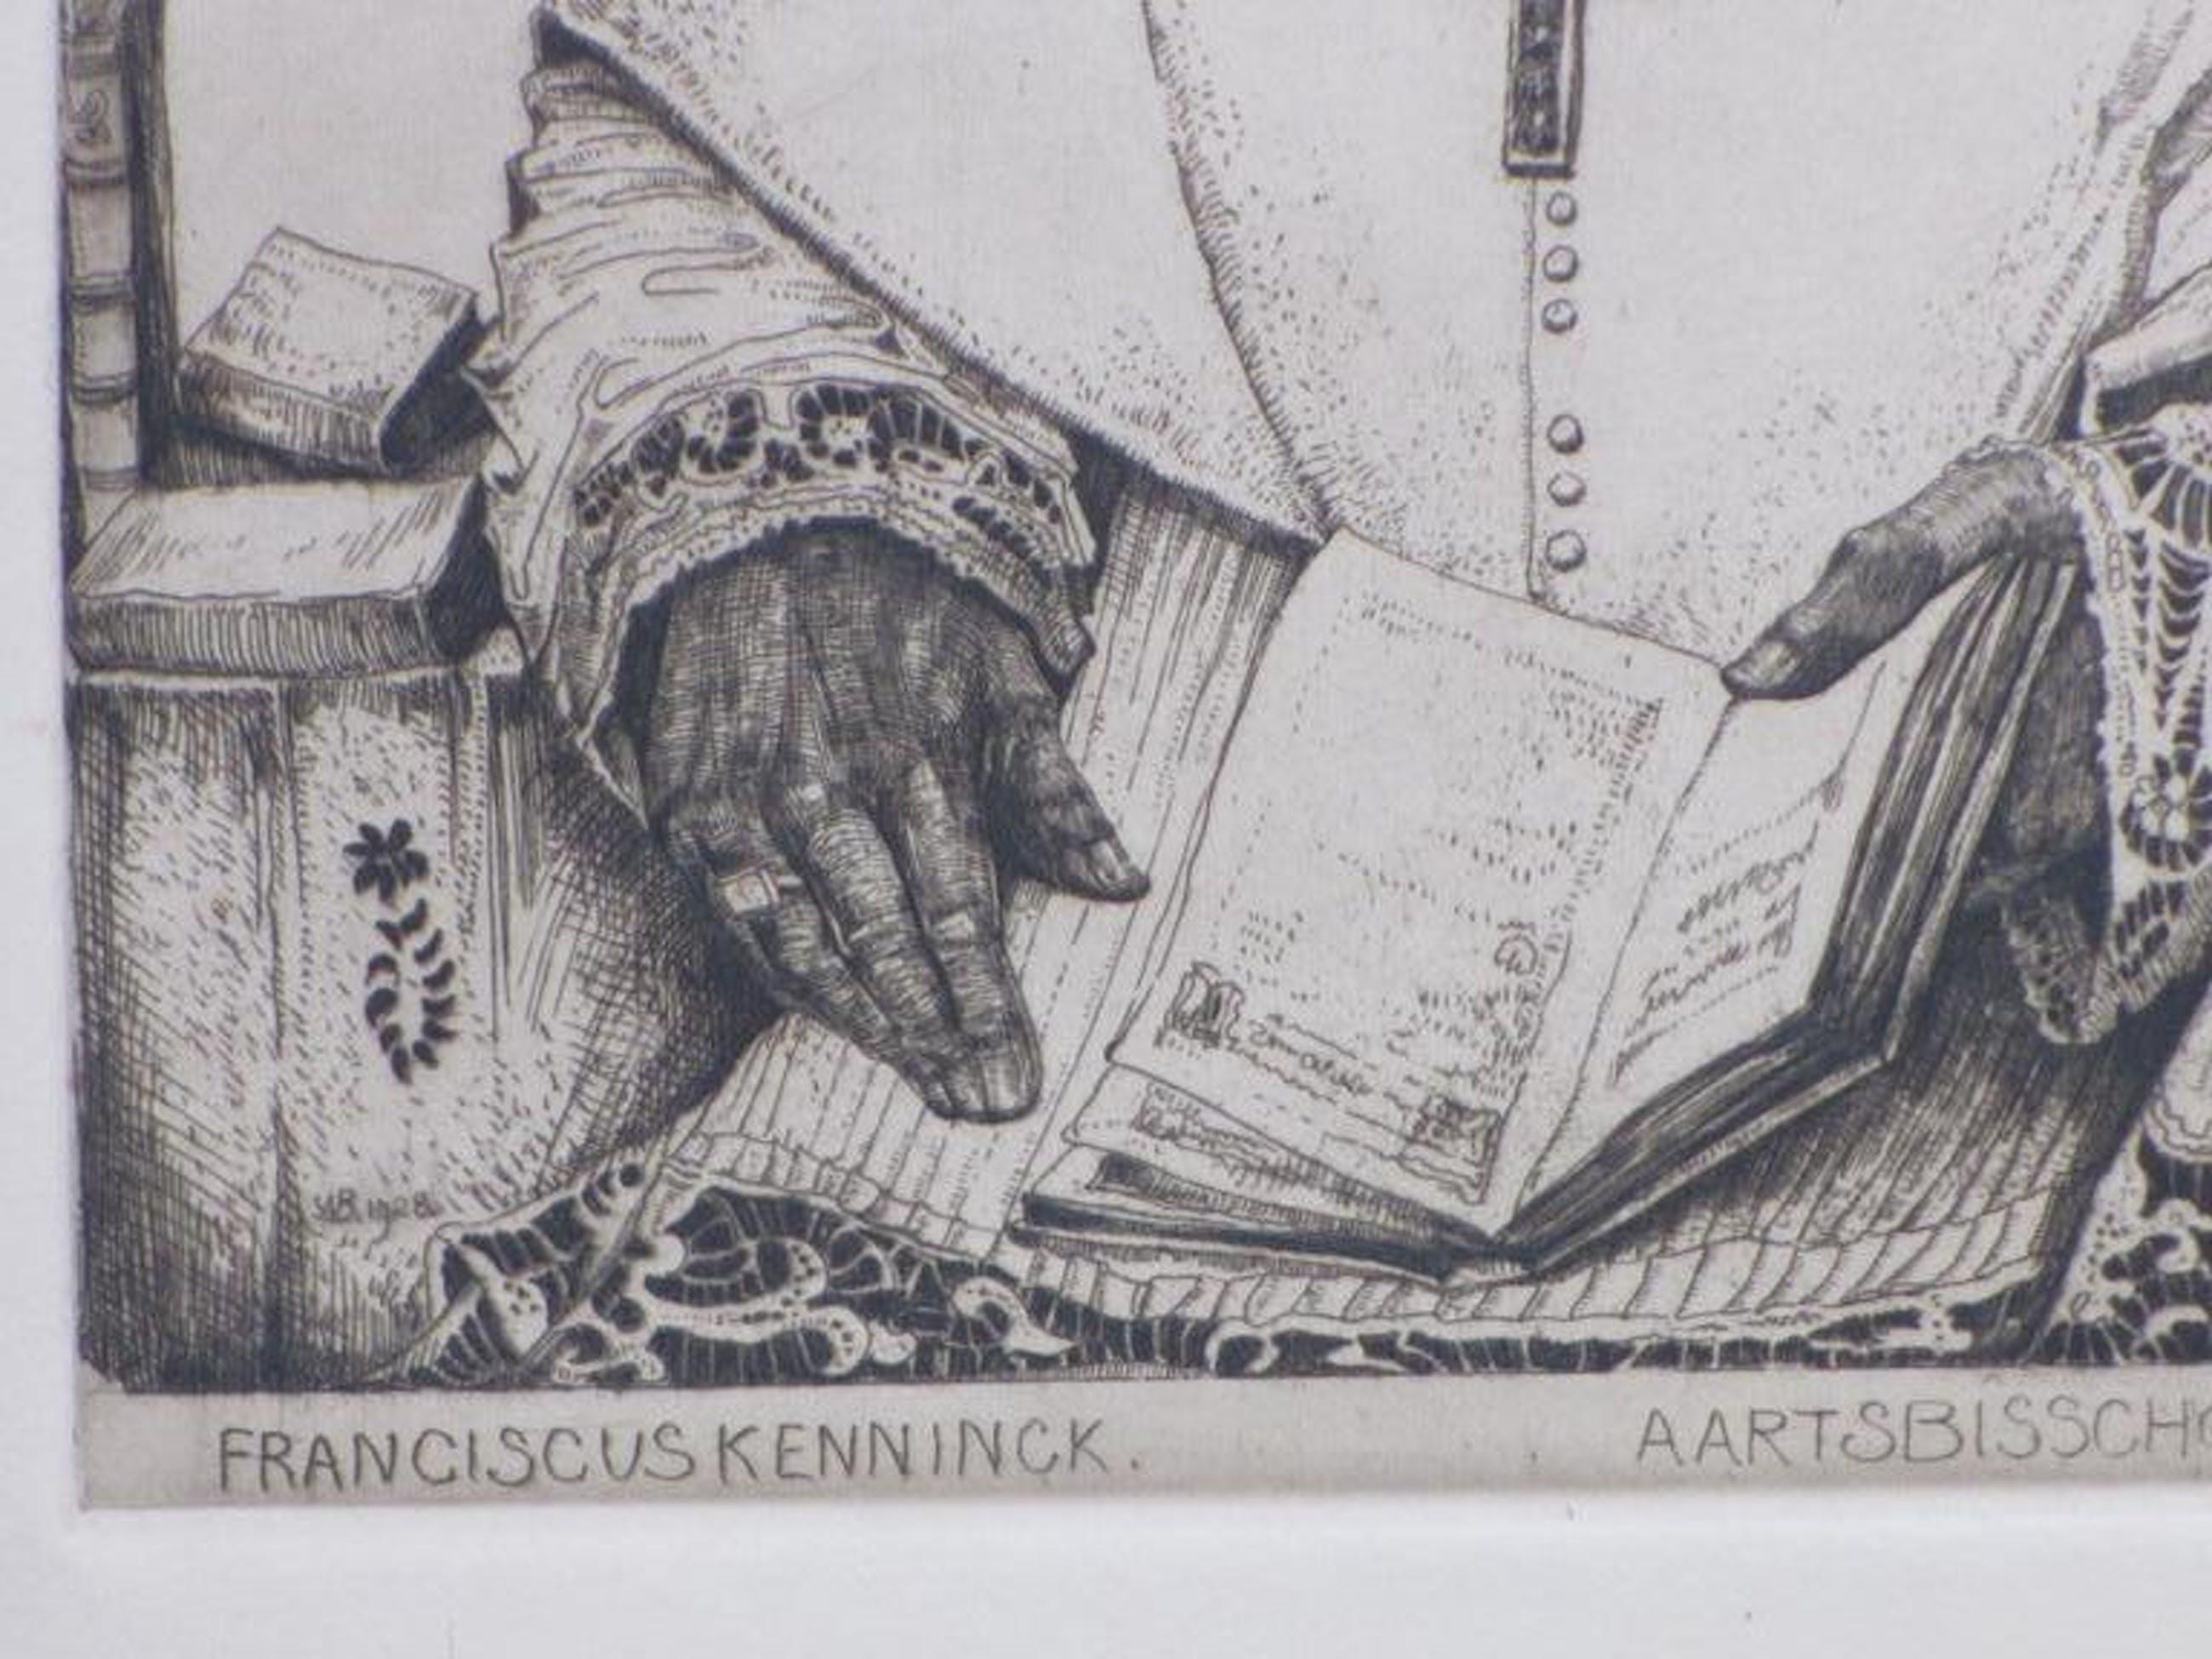 Willem van den Berg, Bisschop Franciscus Kenninck, Ets 1928 kopen? Bied vanaf 25!